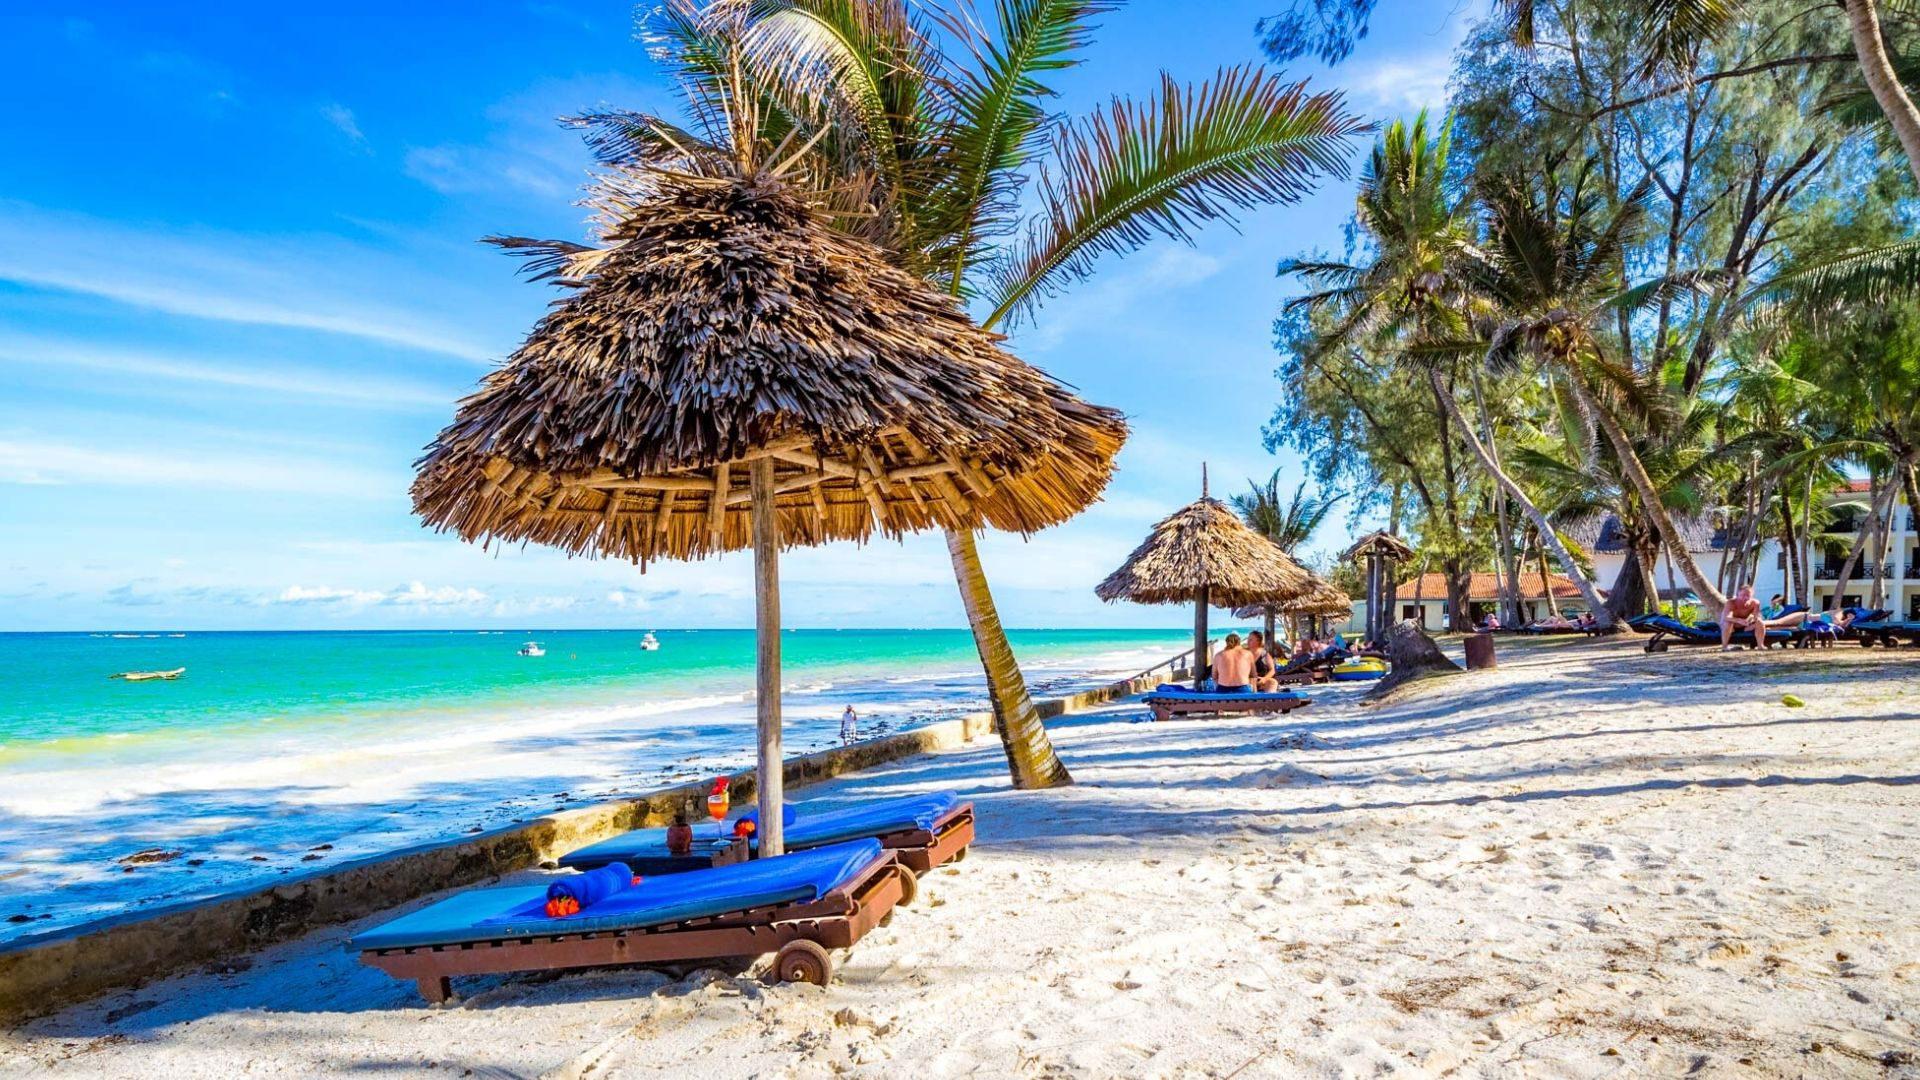 Kelionės į Keniją metu derinkite poilsį paplūdimiuose su šalies pažinimu